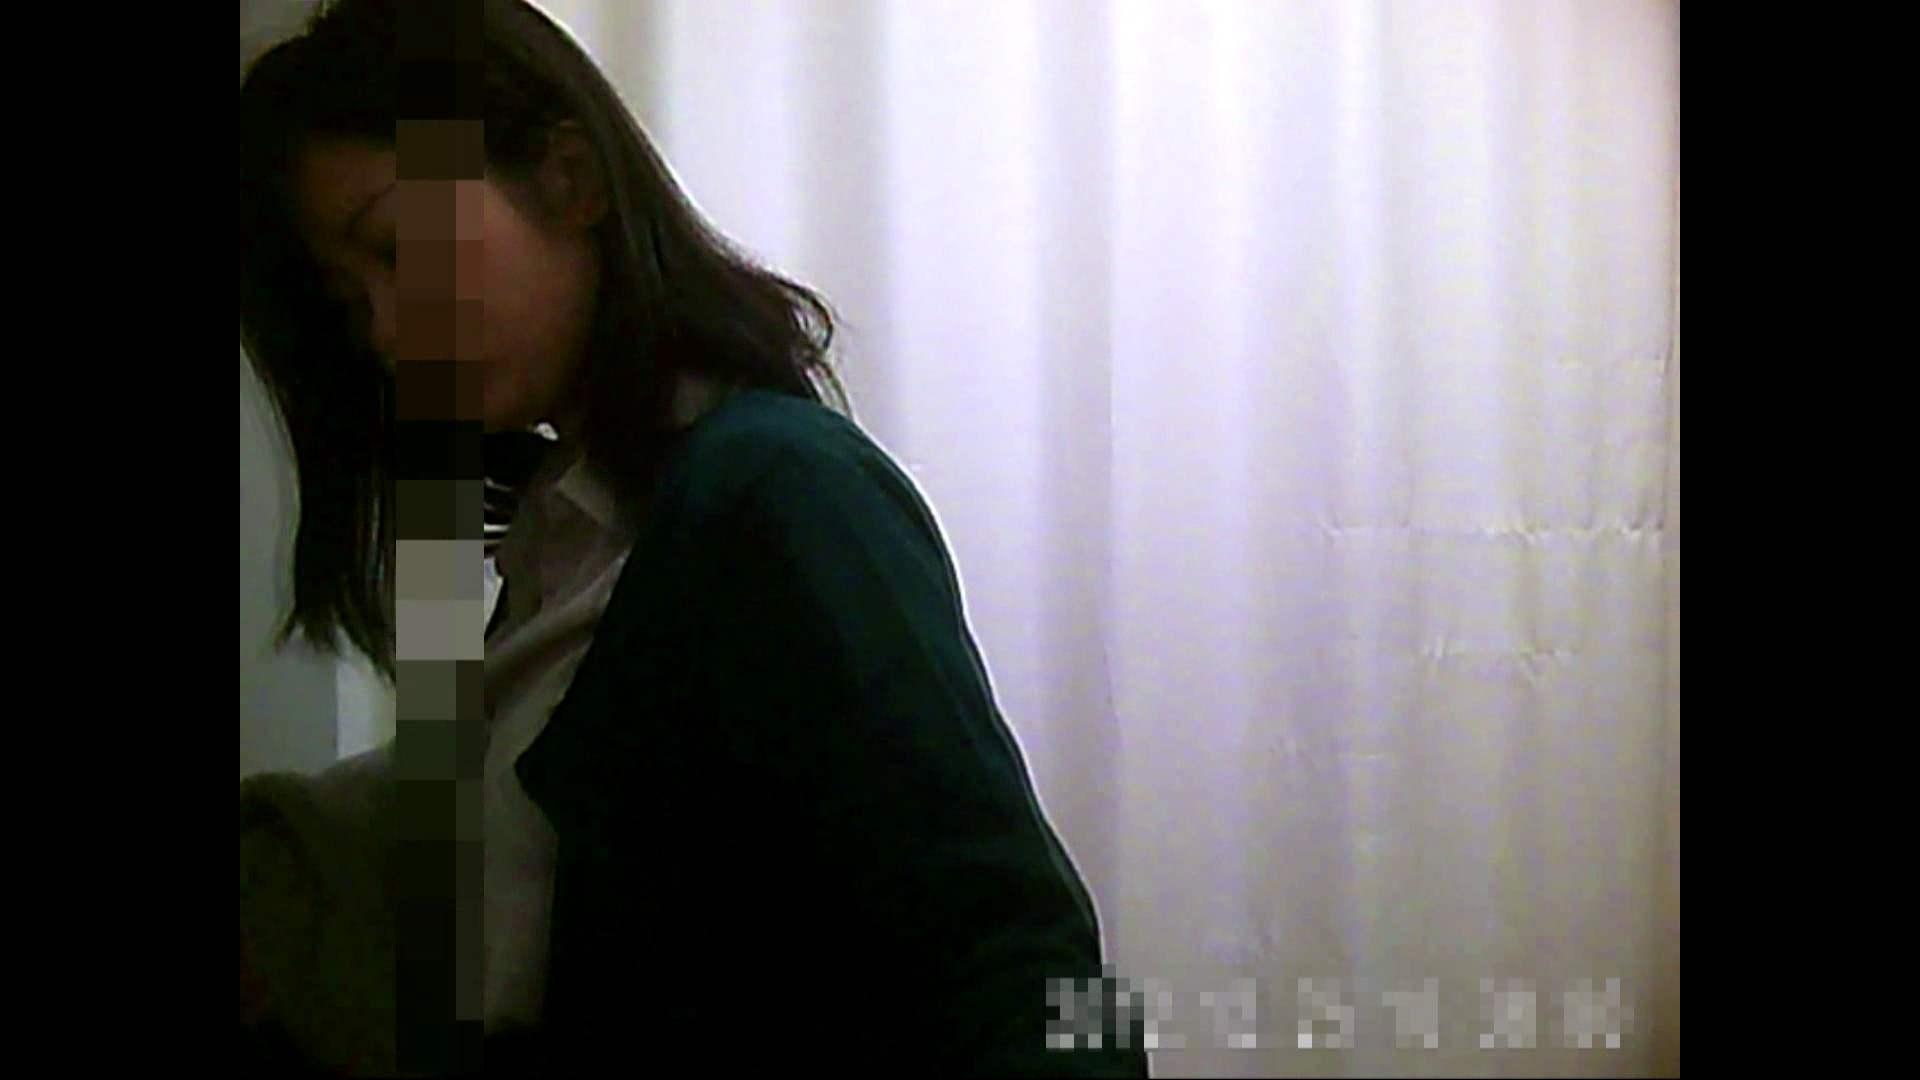 病院おもいっきり着替え! vol.183 巨乳 | 綺麗なおっぱい  104pic 76